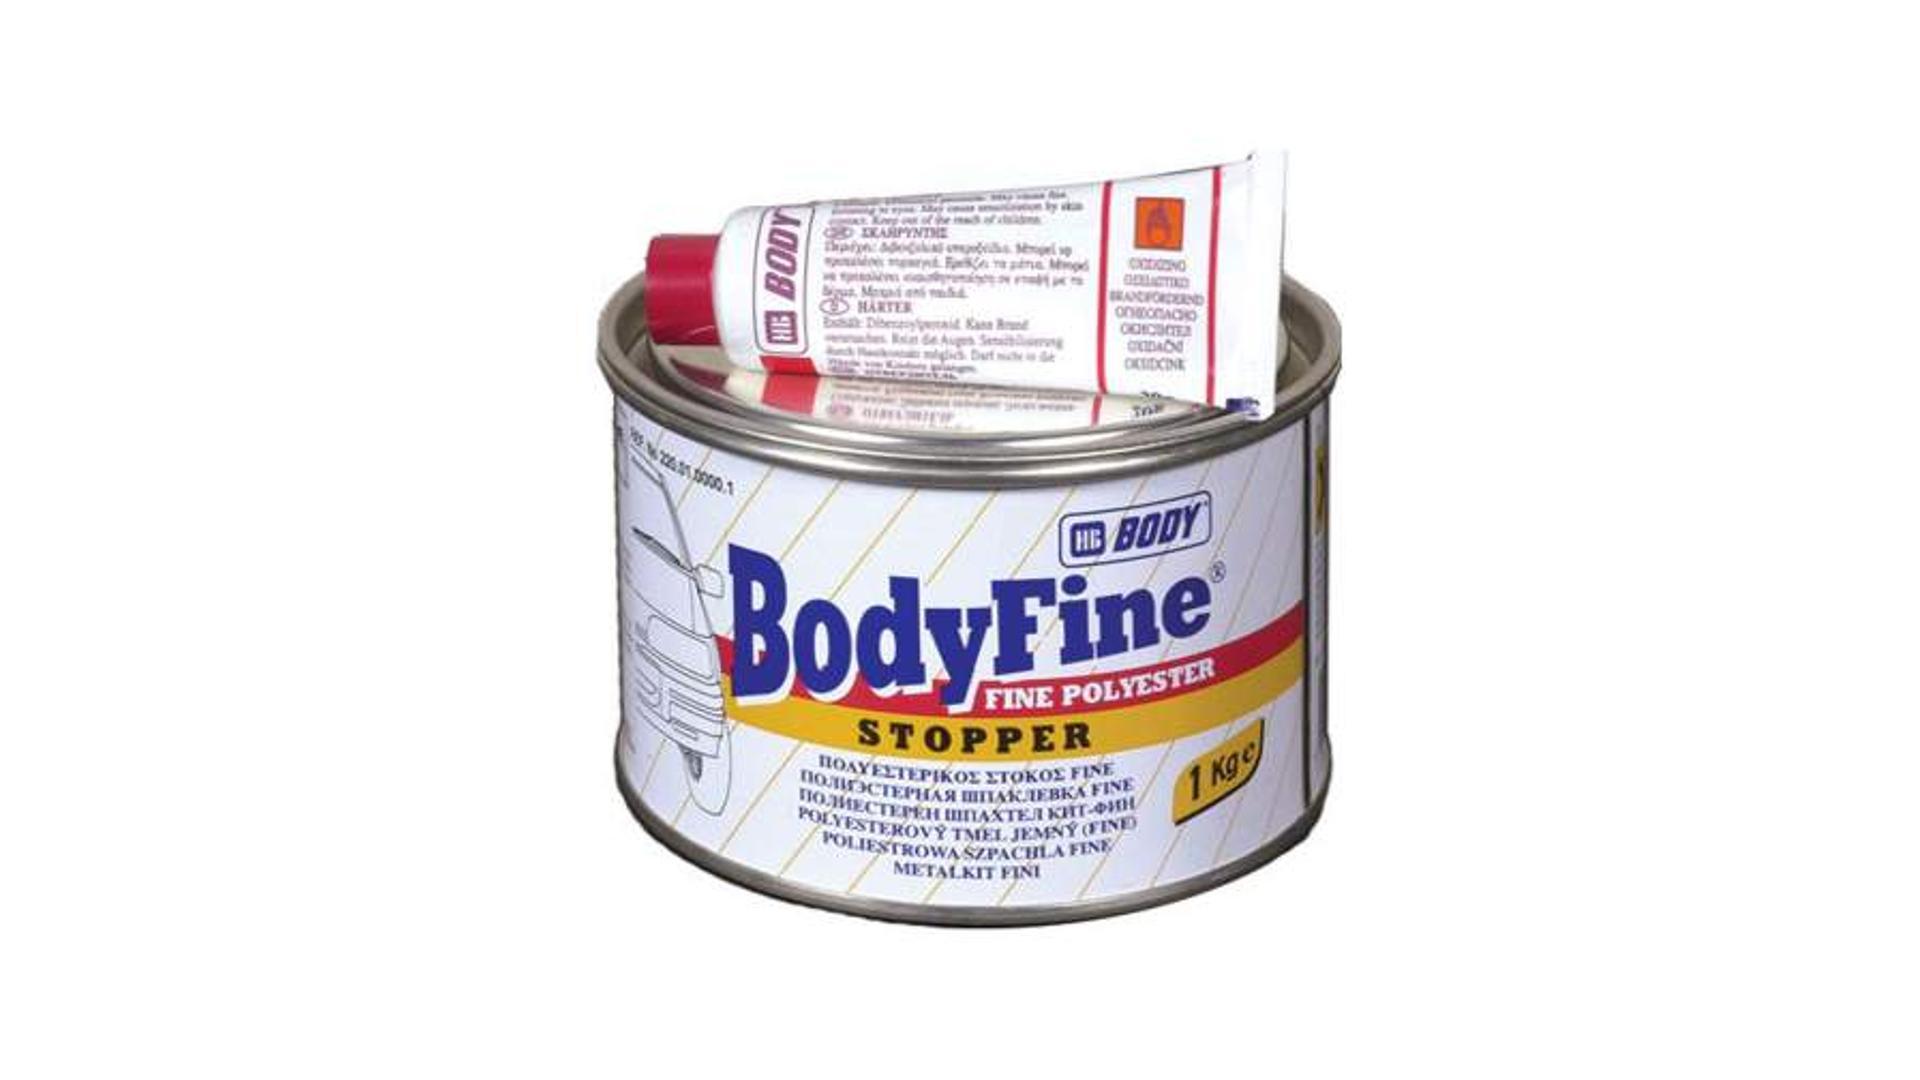 HB BODY finne F220 - tmel jemný 1kg